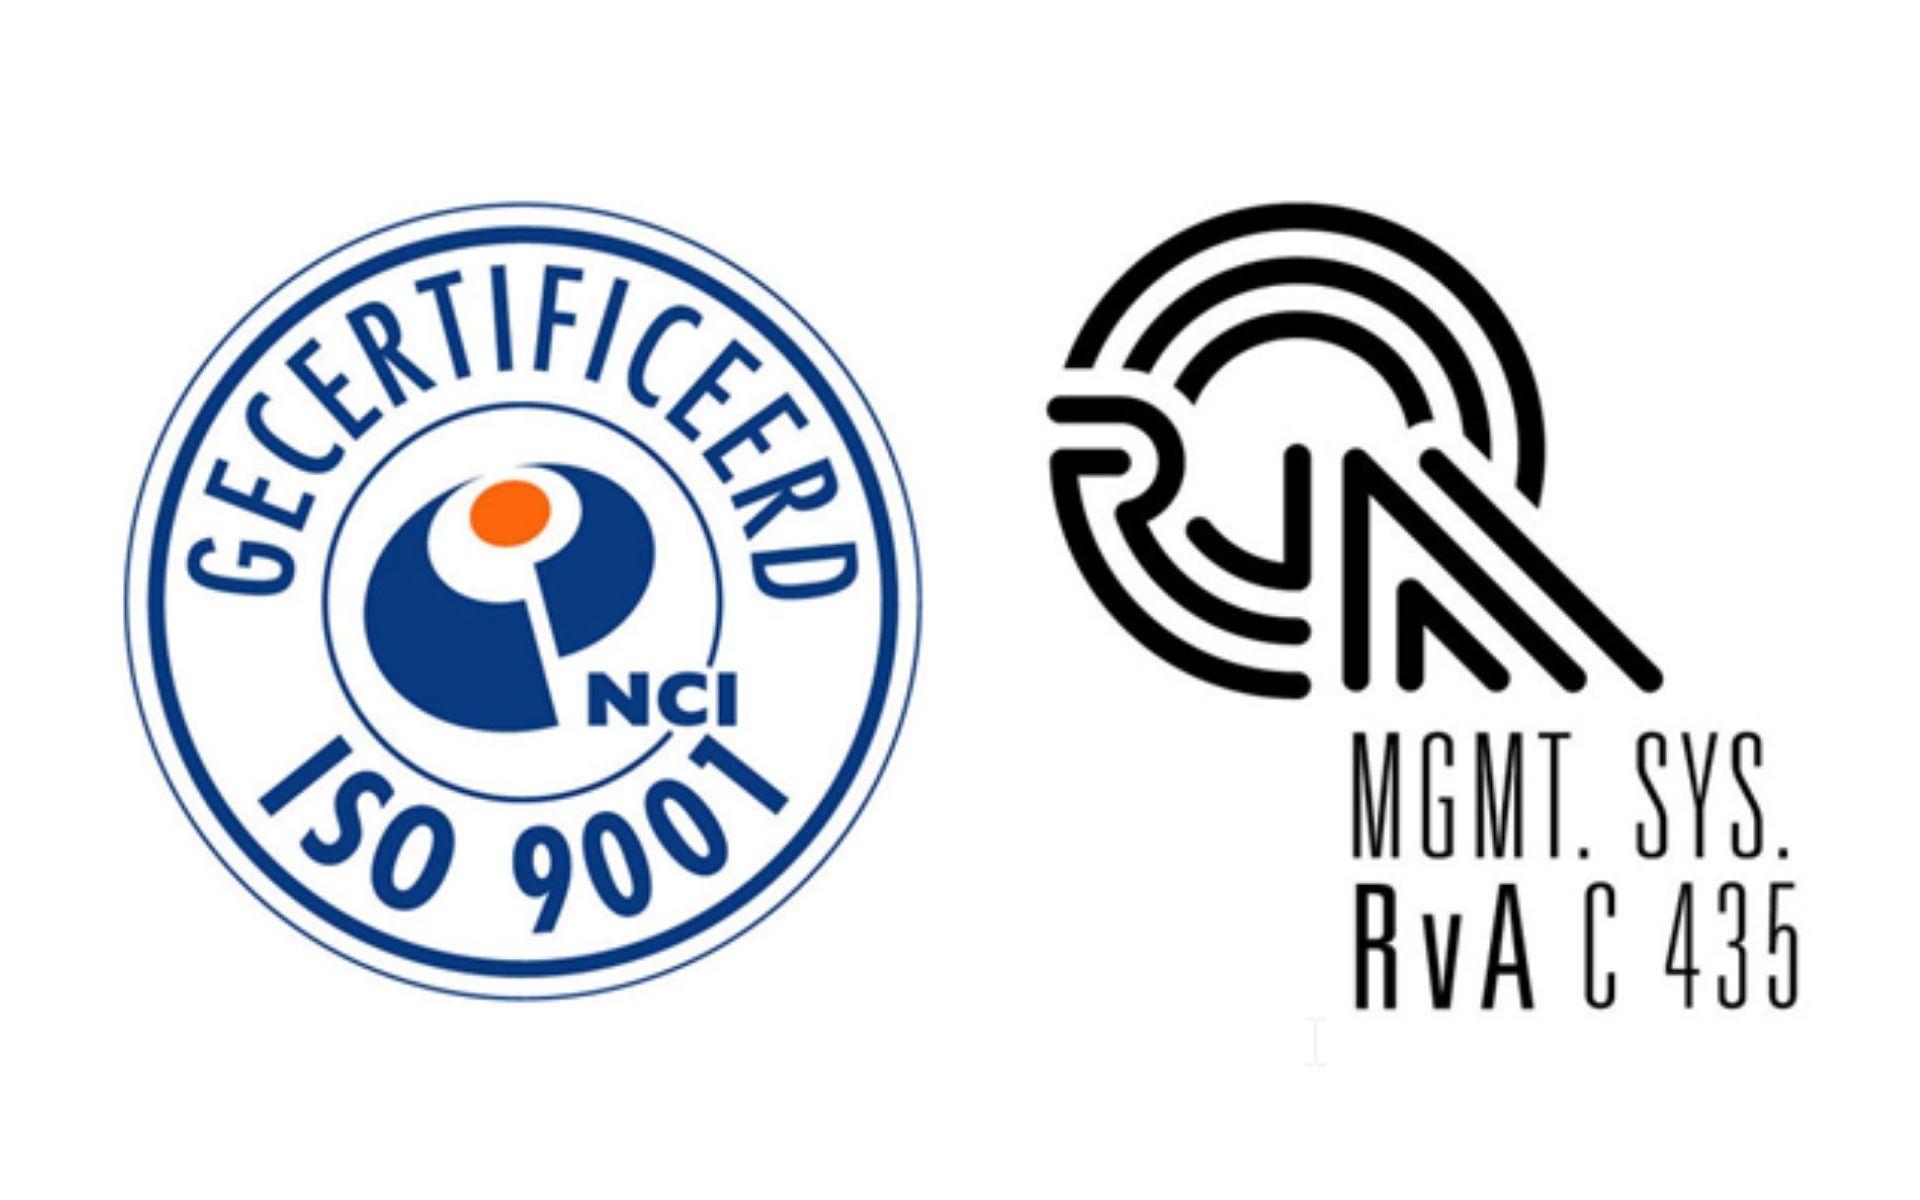 IXON ontvangt ISO 9001 certificaat